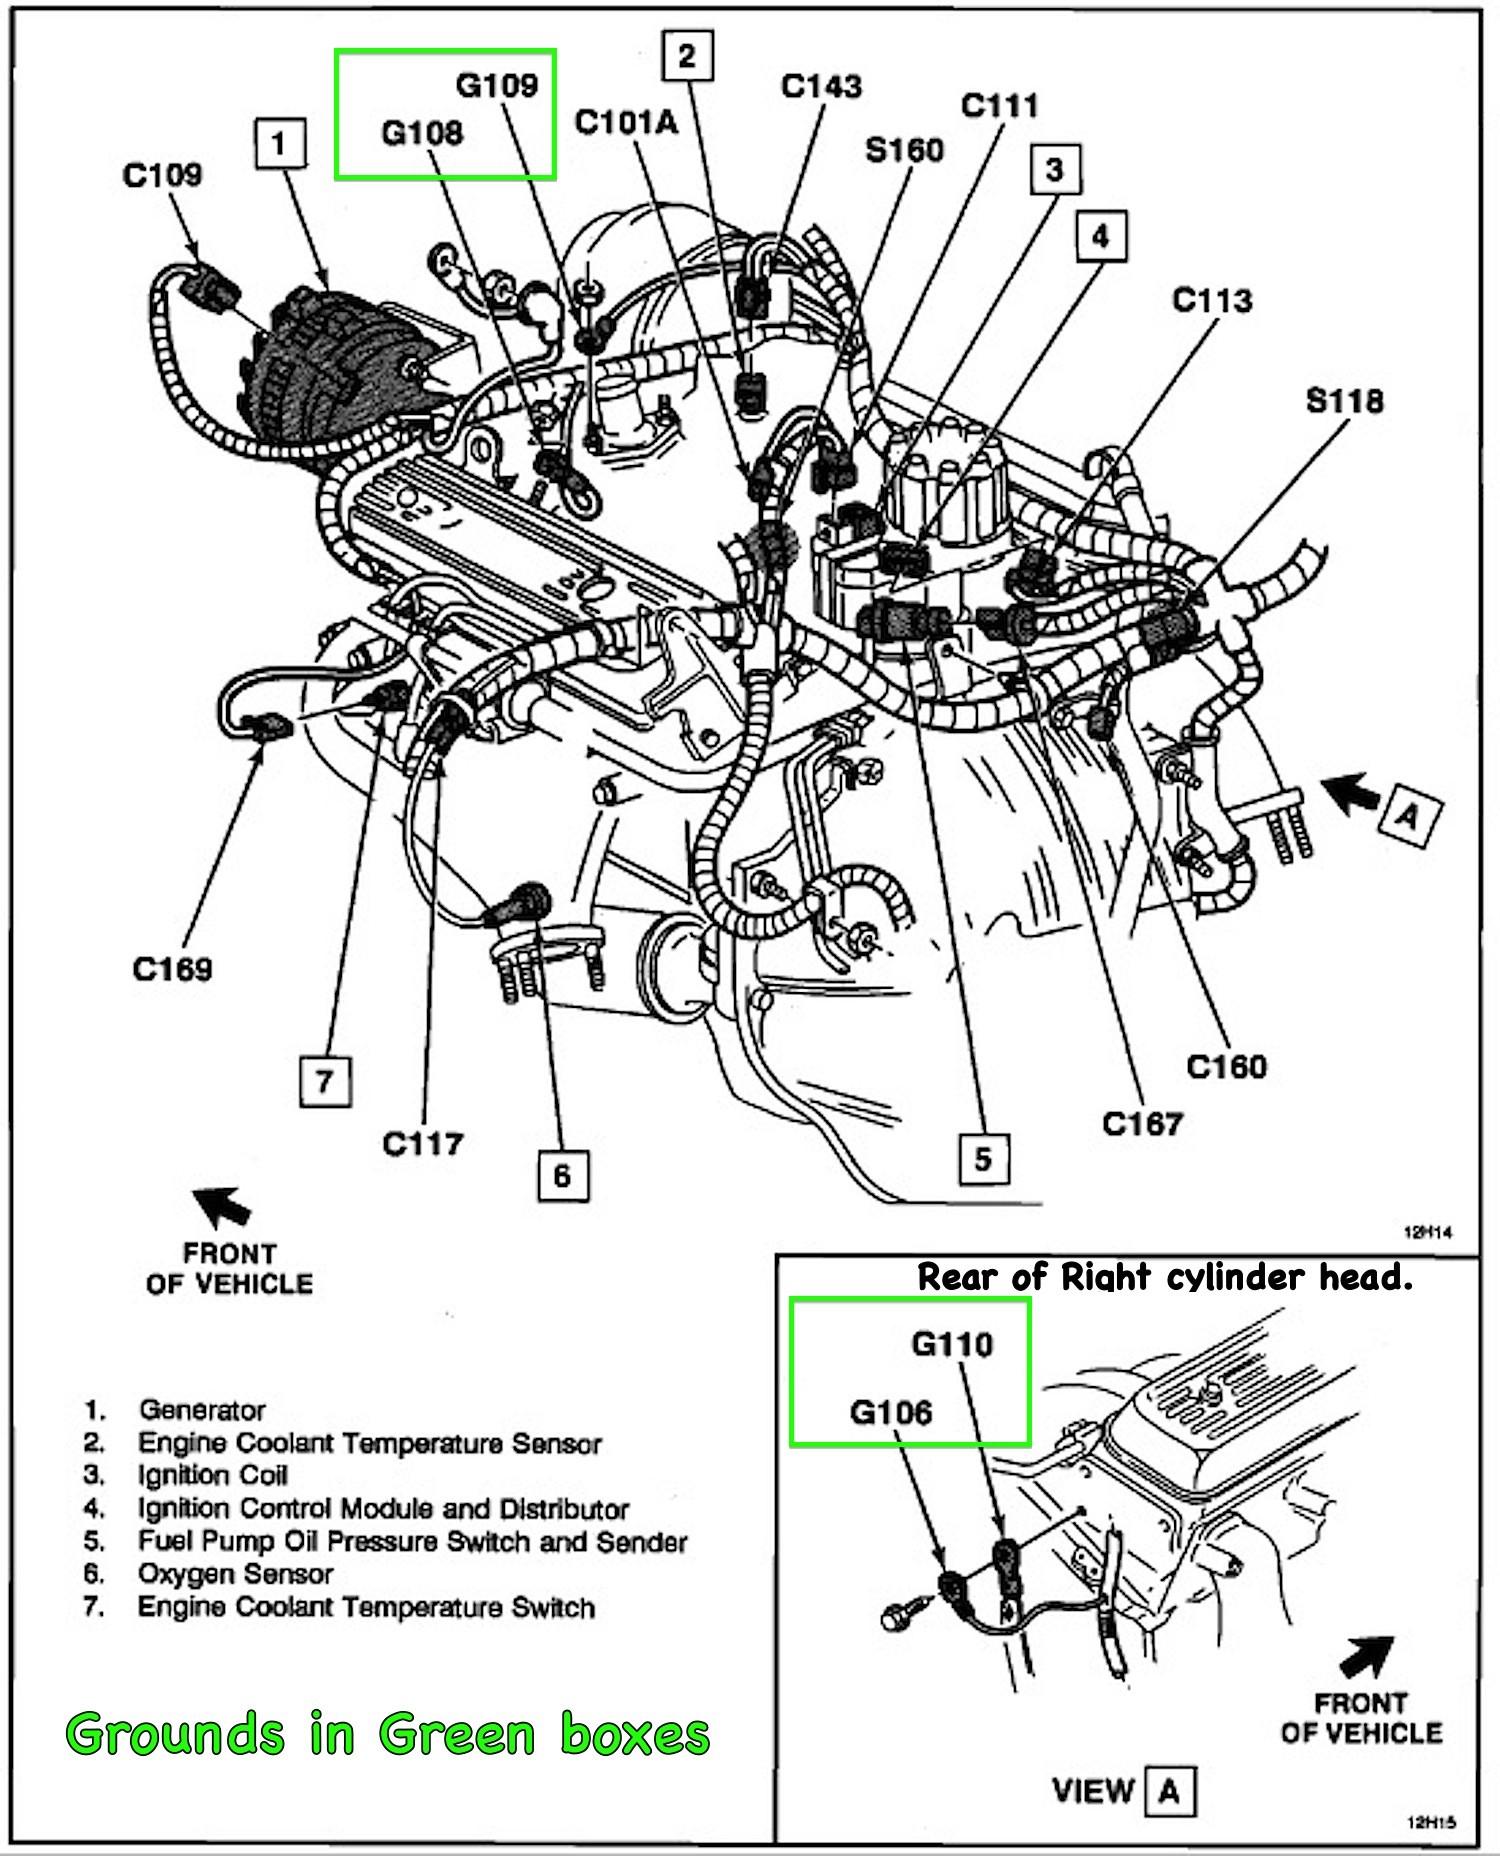 2004 Gmc Sierra Fuel Pump Fuel Pump Ground Wire Diagram] 1990 Gmc K1500 Vacuum Diagram Wiring Schematic Full Of 2004 Gmc Sierra Fuel Pump Fuel Pump Ground Wire